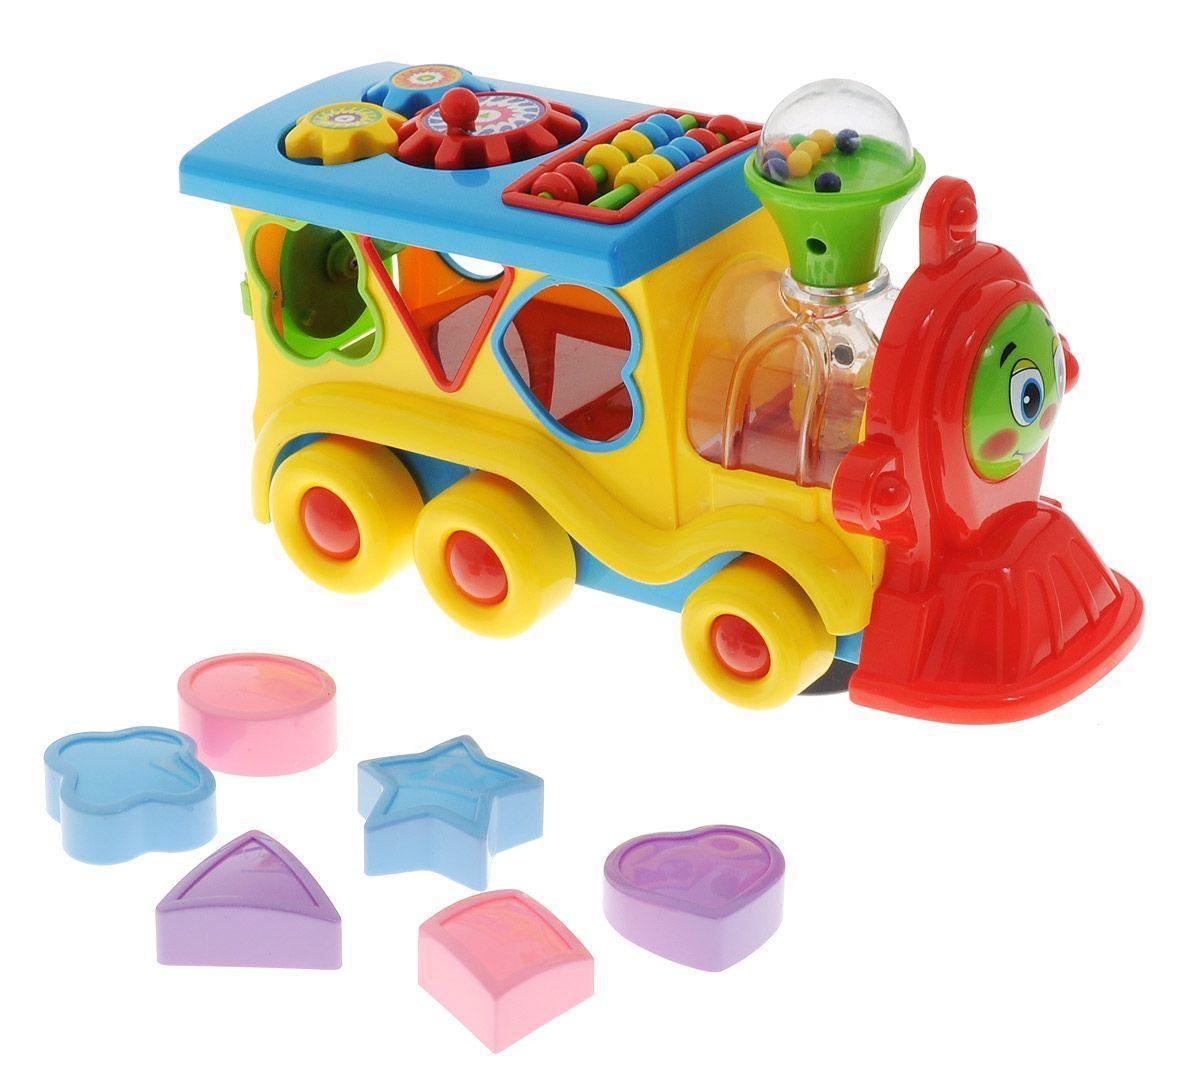 Развивающие игрушки Умка Развивающая игрушка Умка «Обучающий паровозик из Ромашково» развивающая игрушка умка пожарная машинка со стихами м дружининой